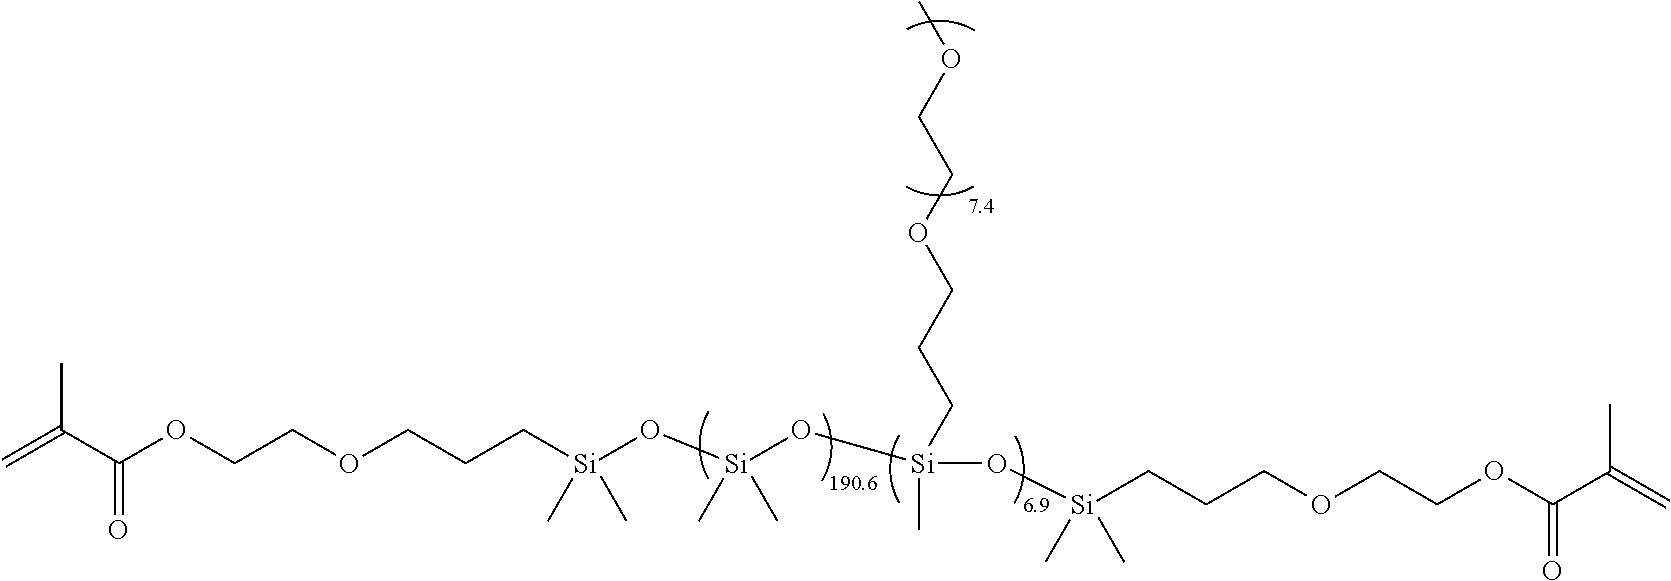 Figure US20110085128A1-20110414-C00004